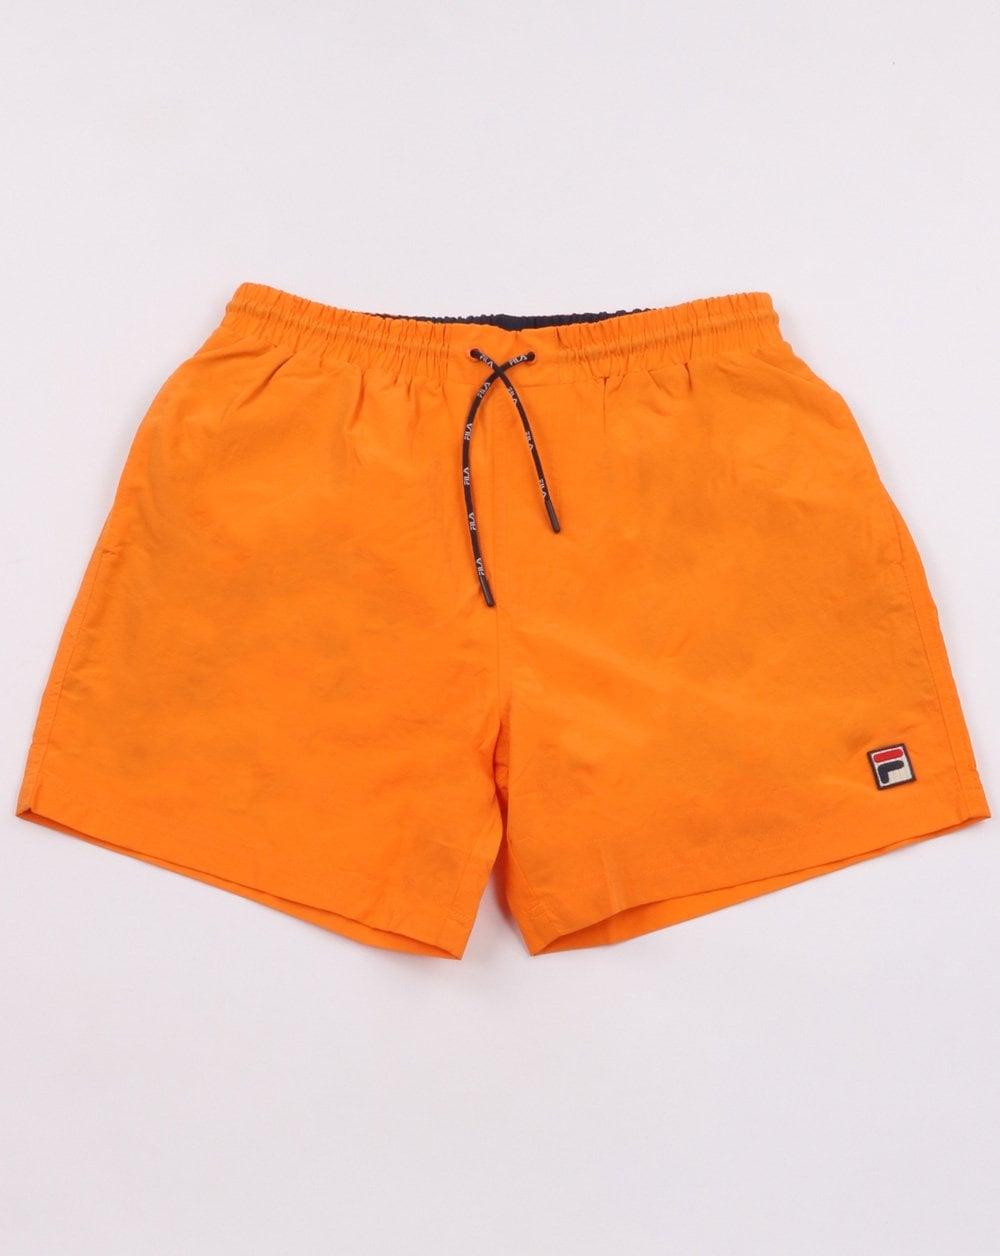 Fila Vintage Martin Retro Swim Shorts Sun Orange   80s Casual Classics bbed4a2cf